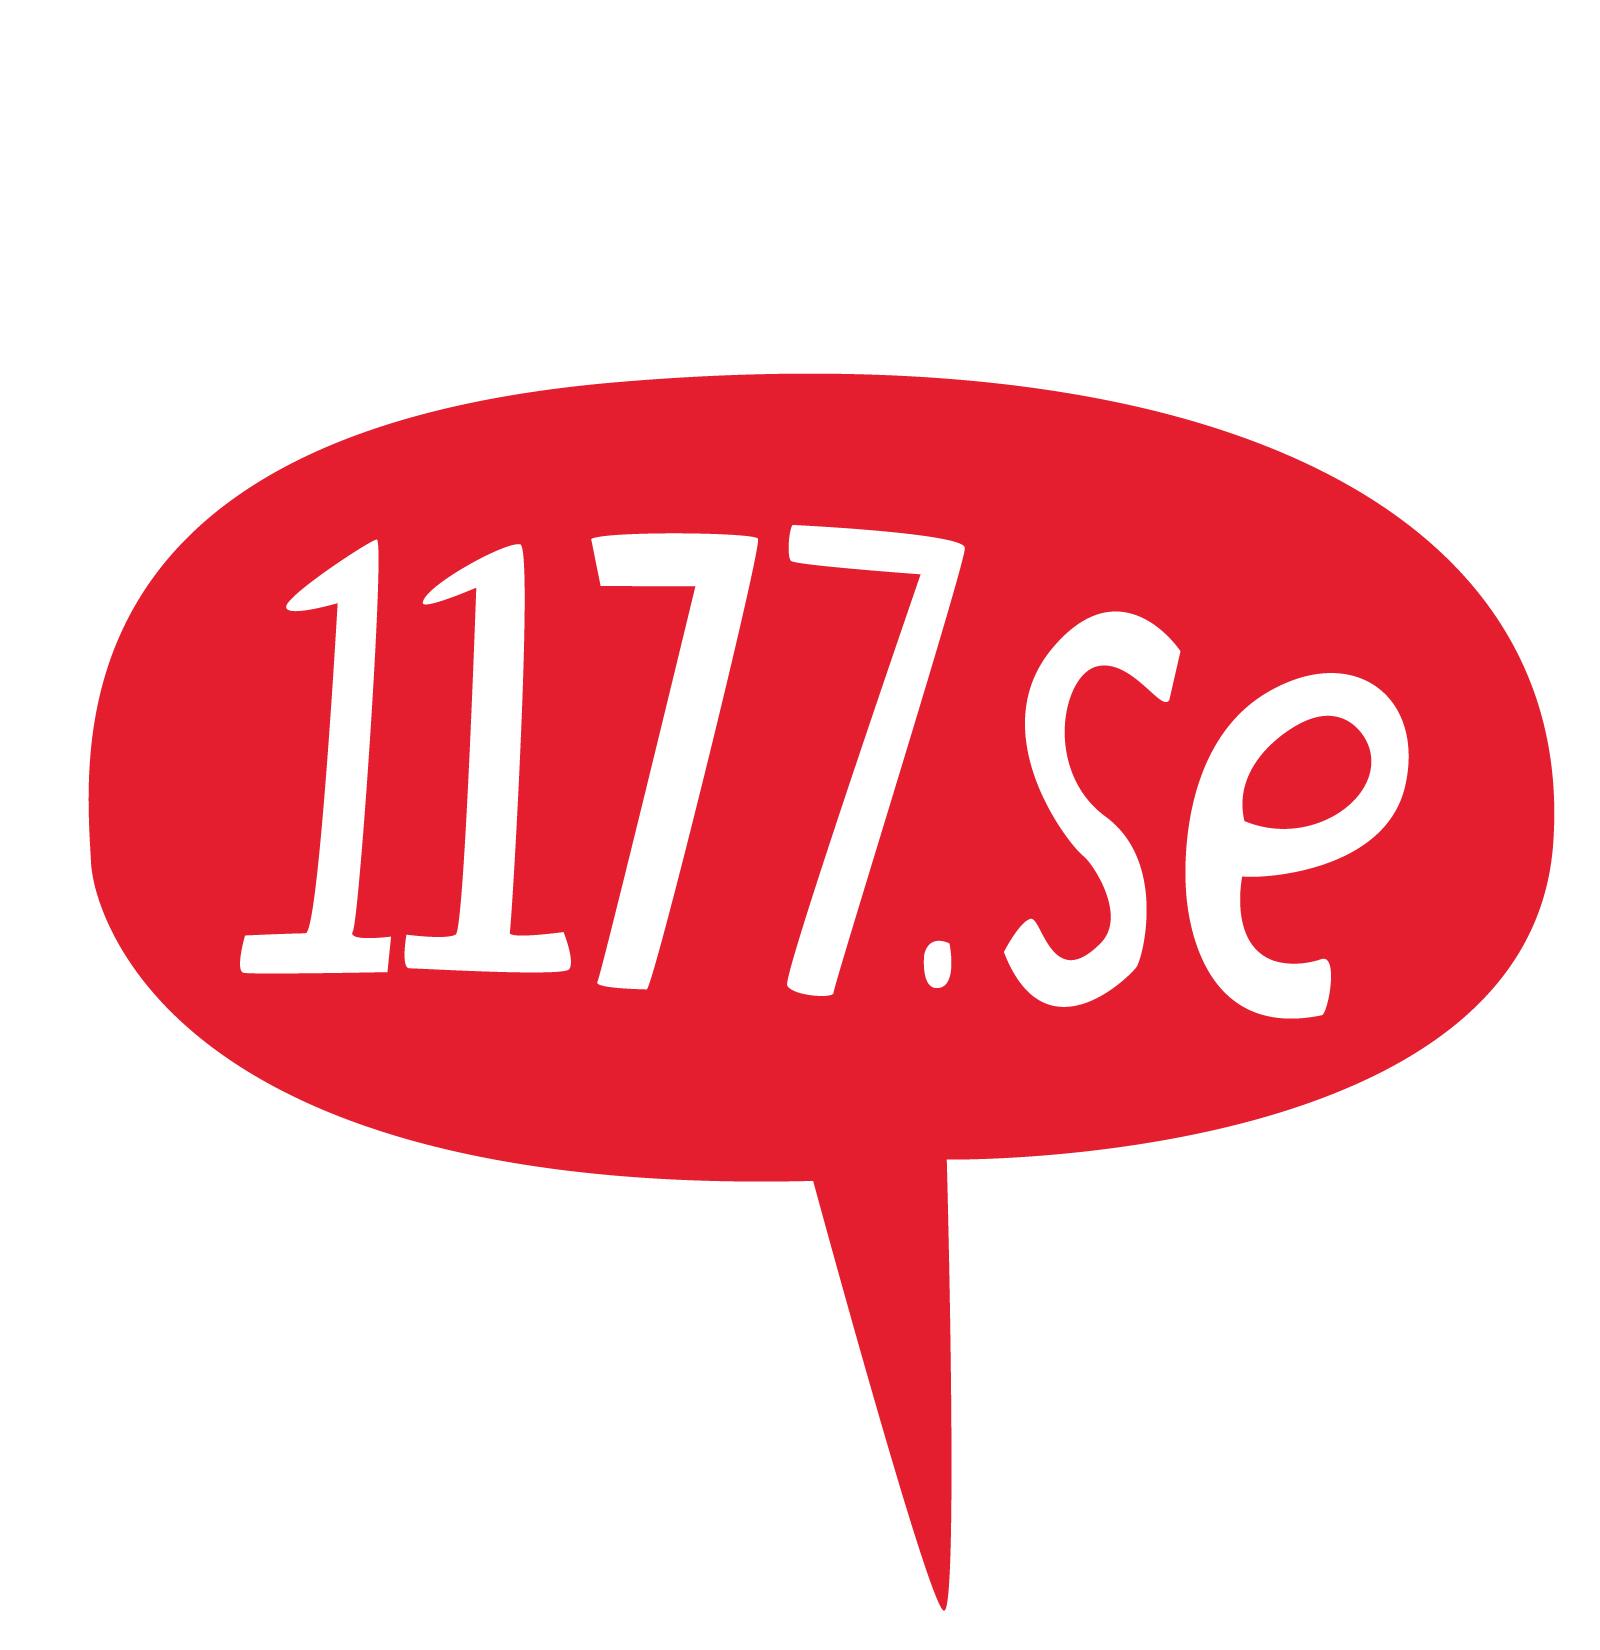 1177se.jpg